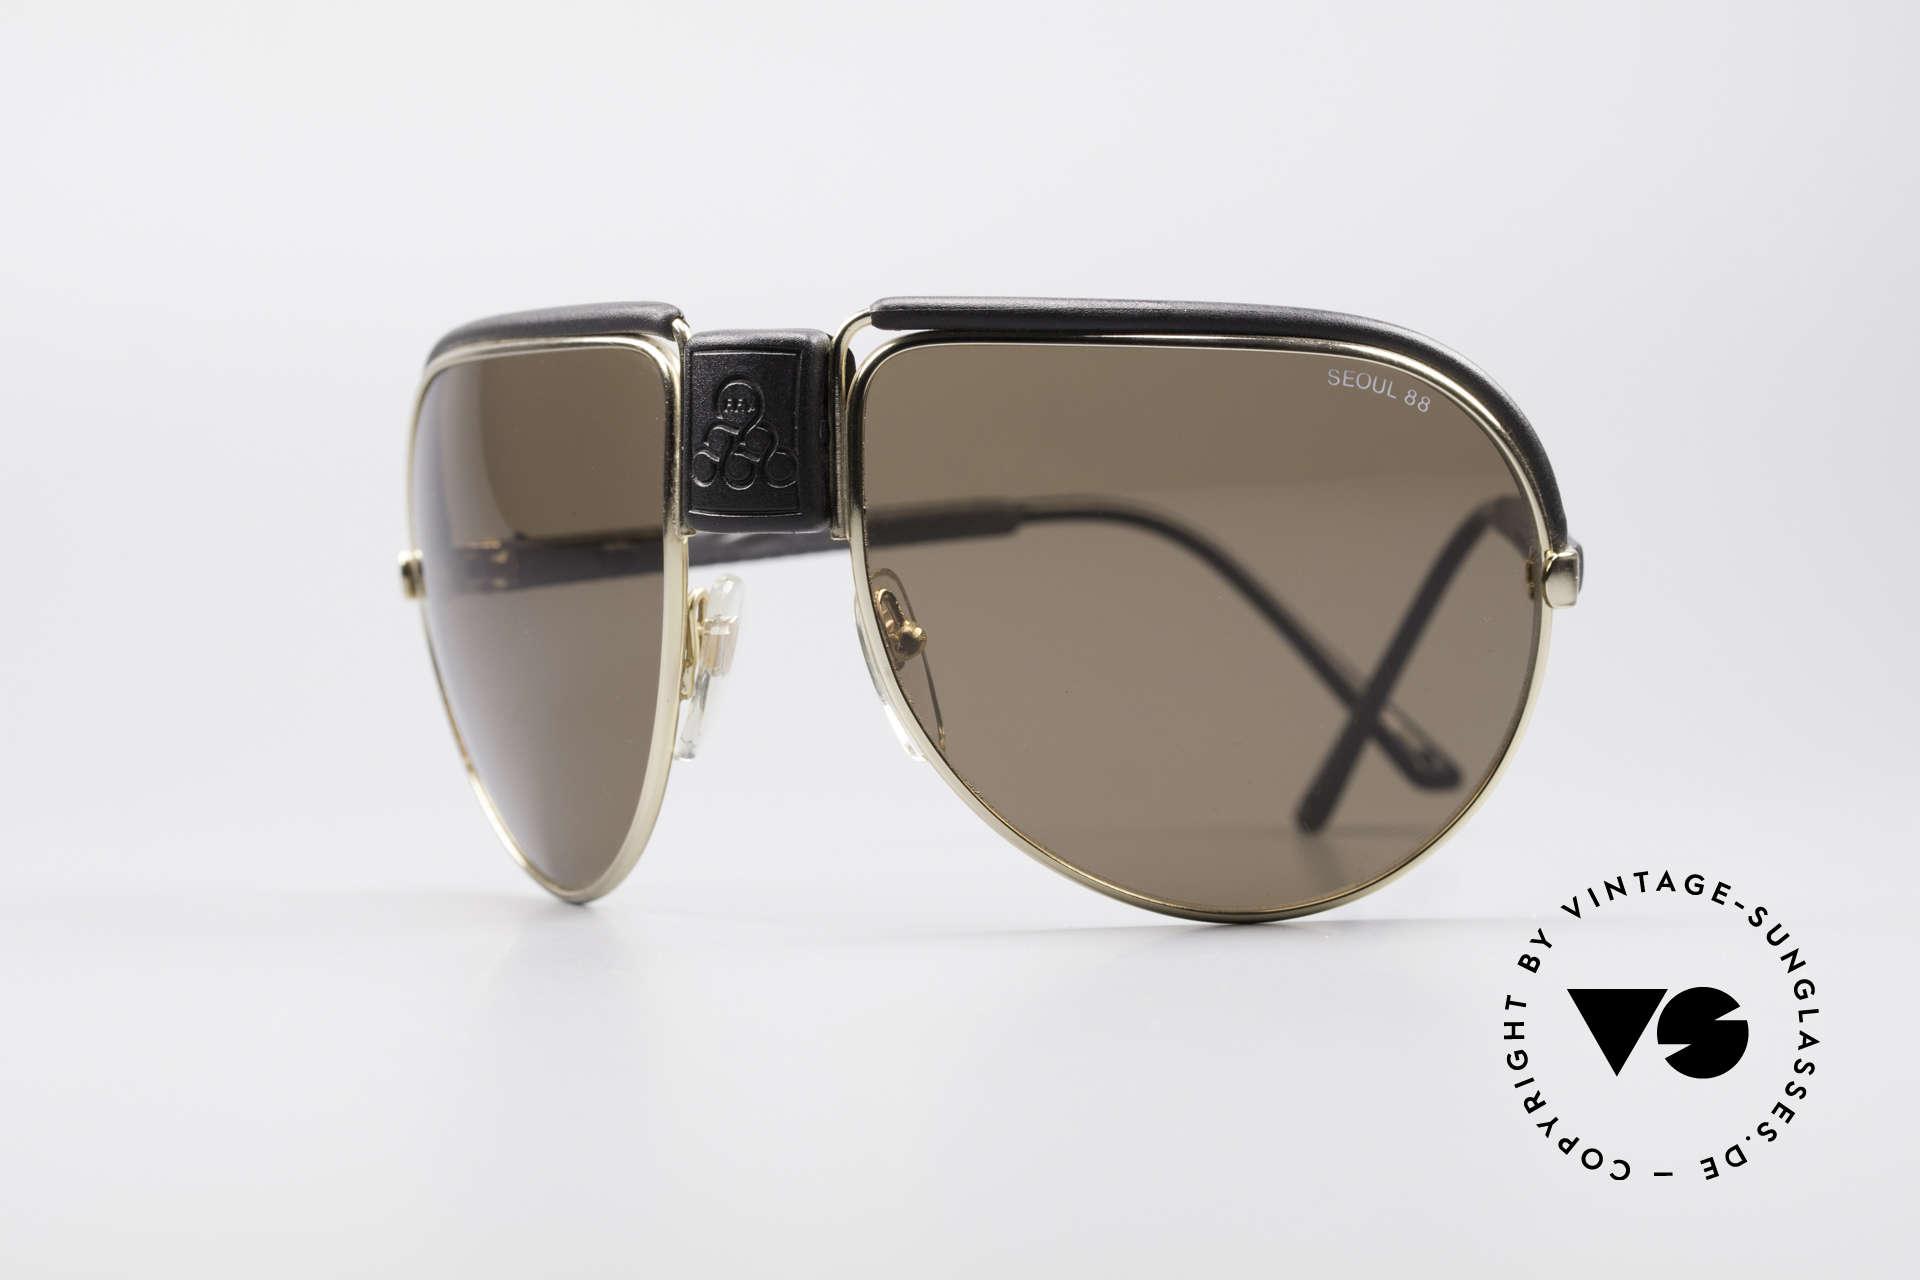 Cebe Seoul 88 Olympische Spiele Brille, Cebe vintage Sonnenbrille für den sportlichen Gebrauch, Passend für Herren